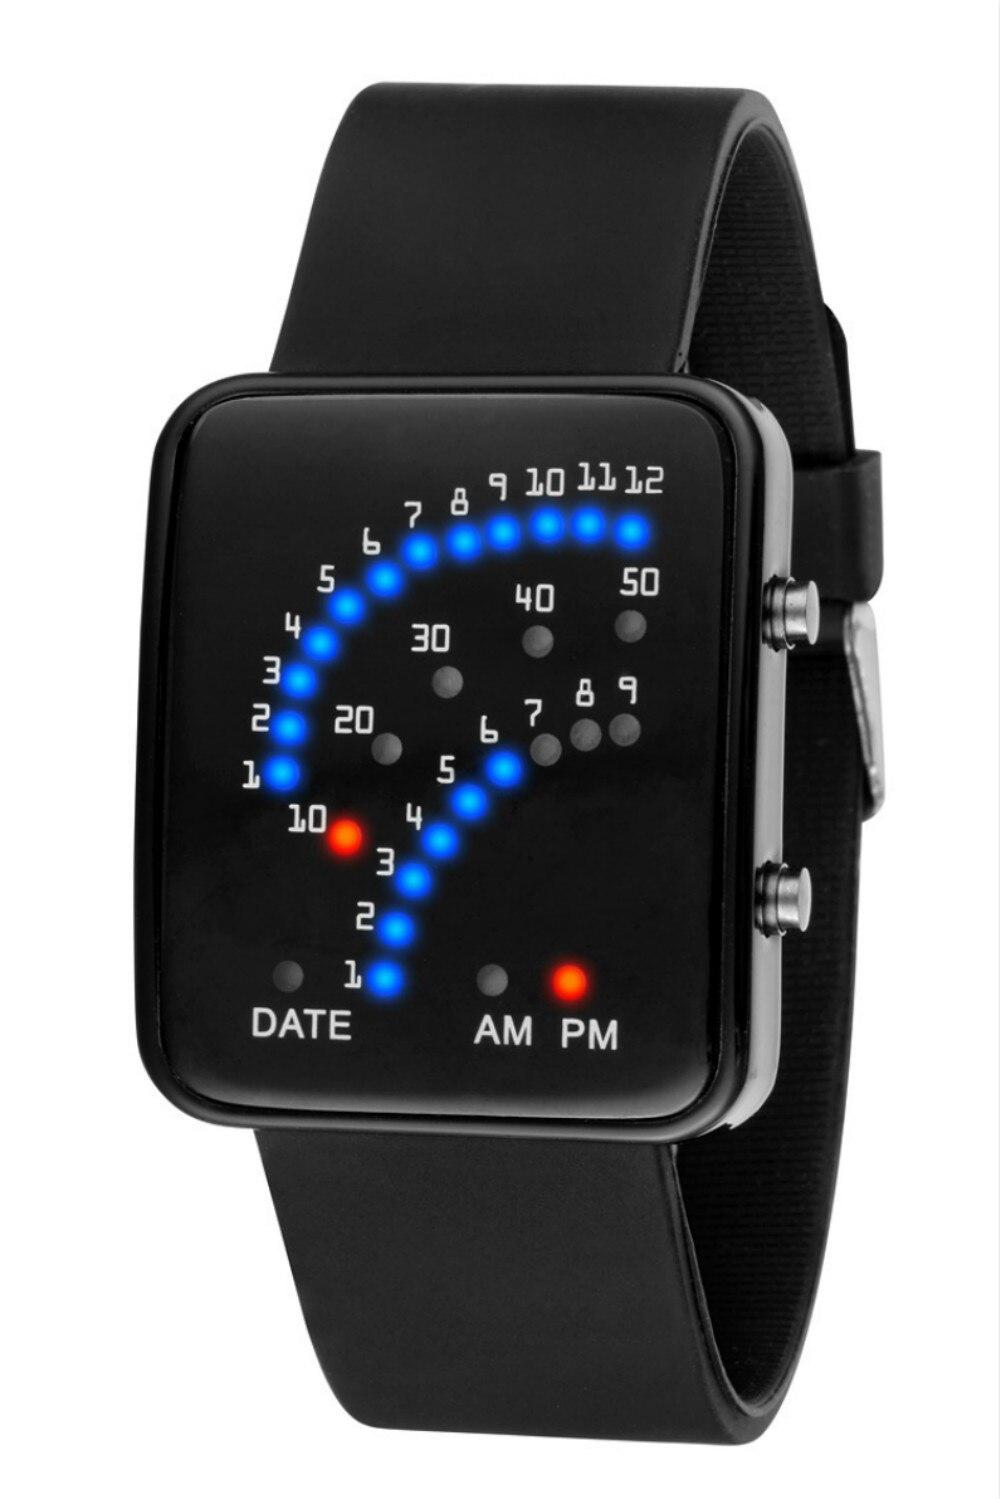 Nouvelle LED Numérique Montres pour Hommes Garçon Binaire Secteur Cadran Silicone Montre-Bracelet pour Hommes Horloge Minuterie relogio masculino Noir Blanc